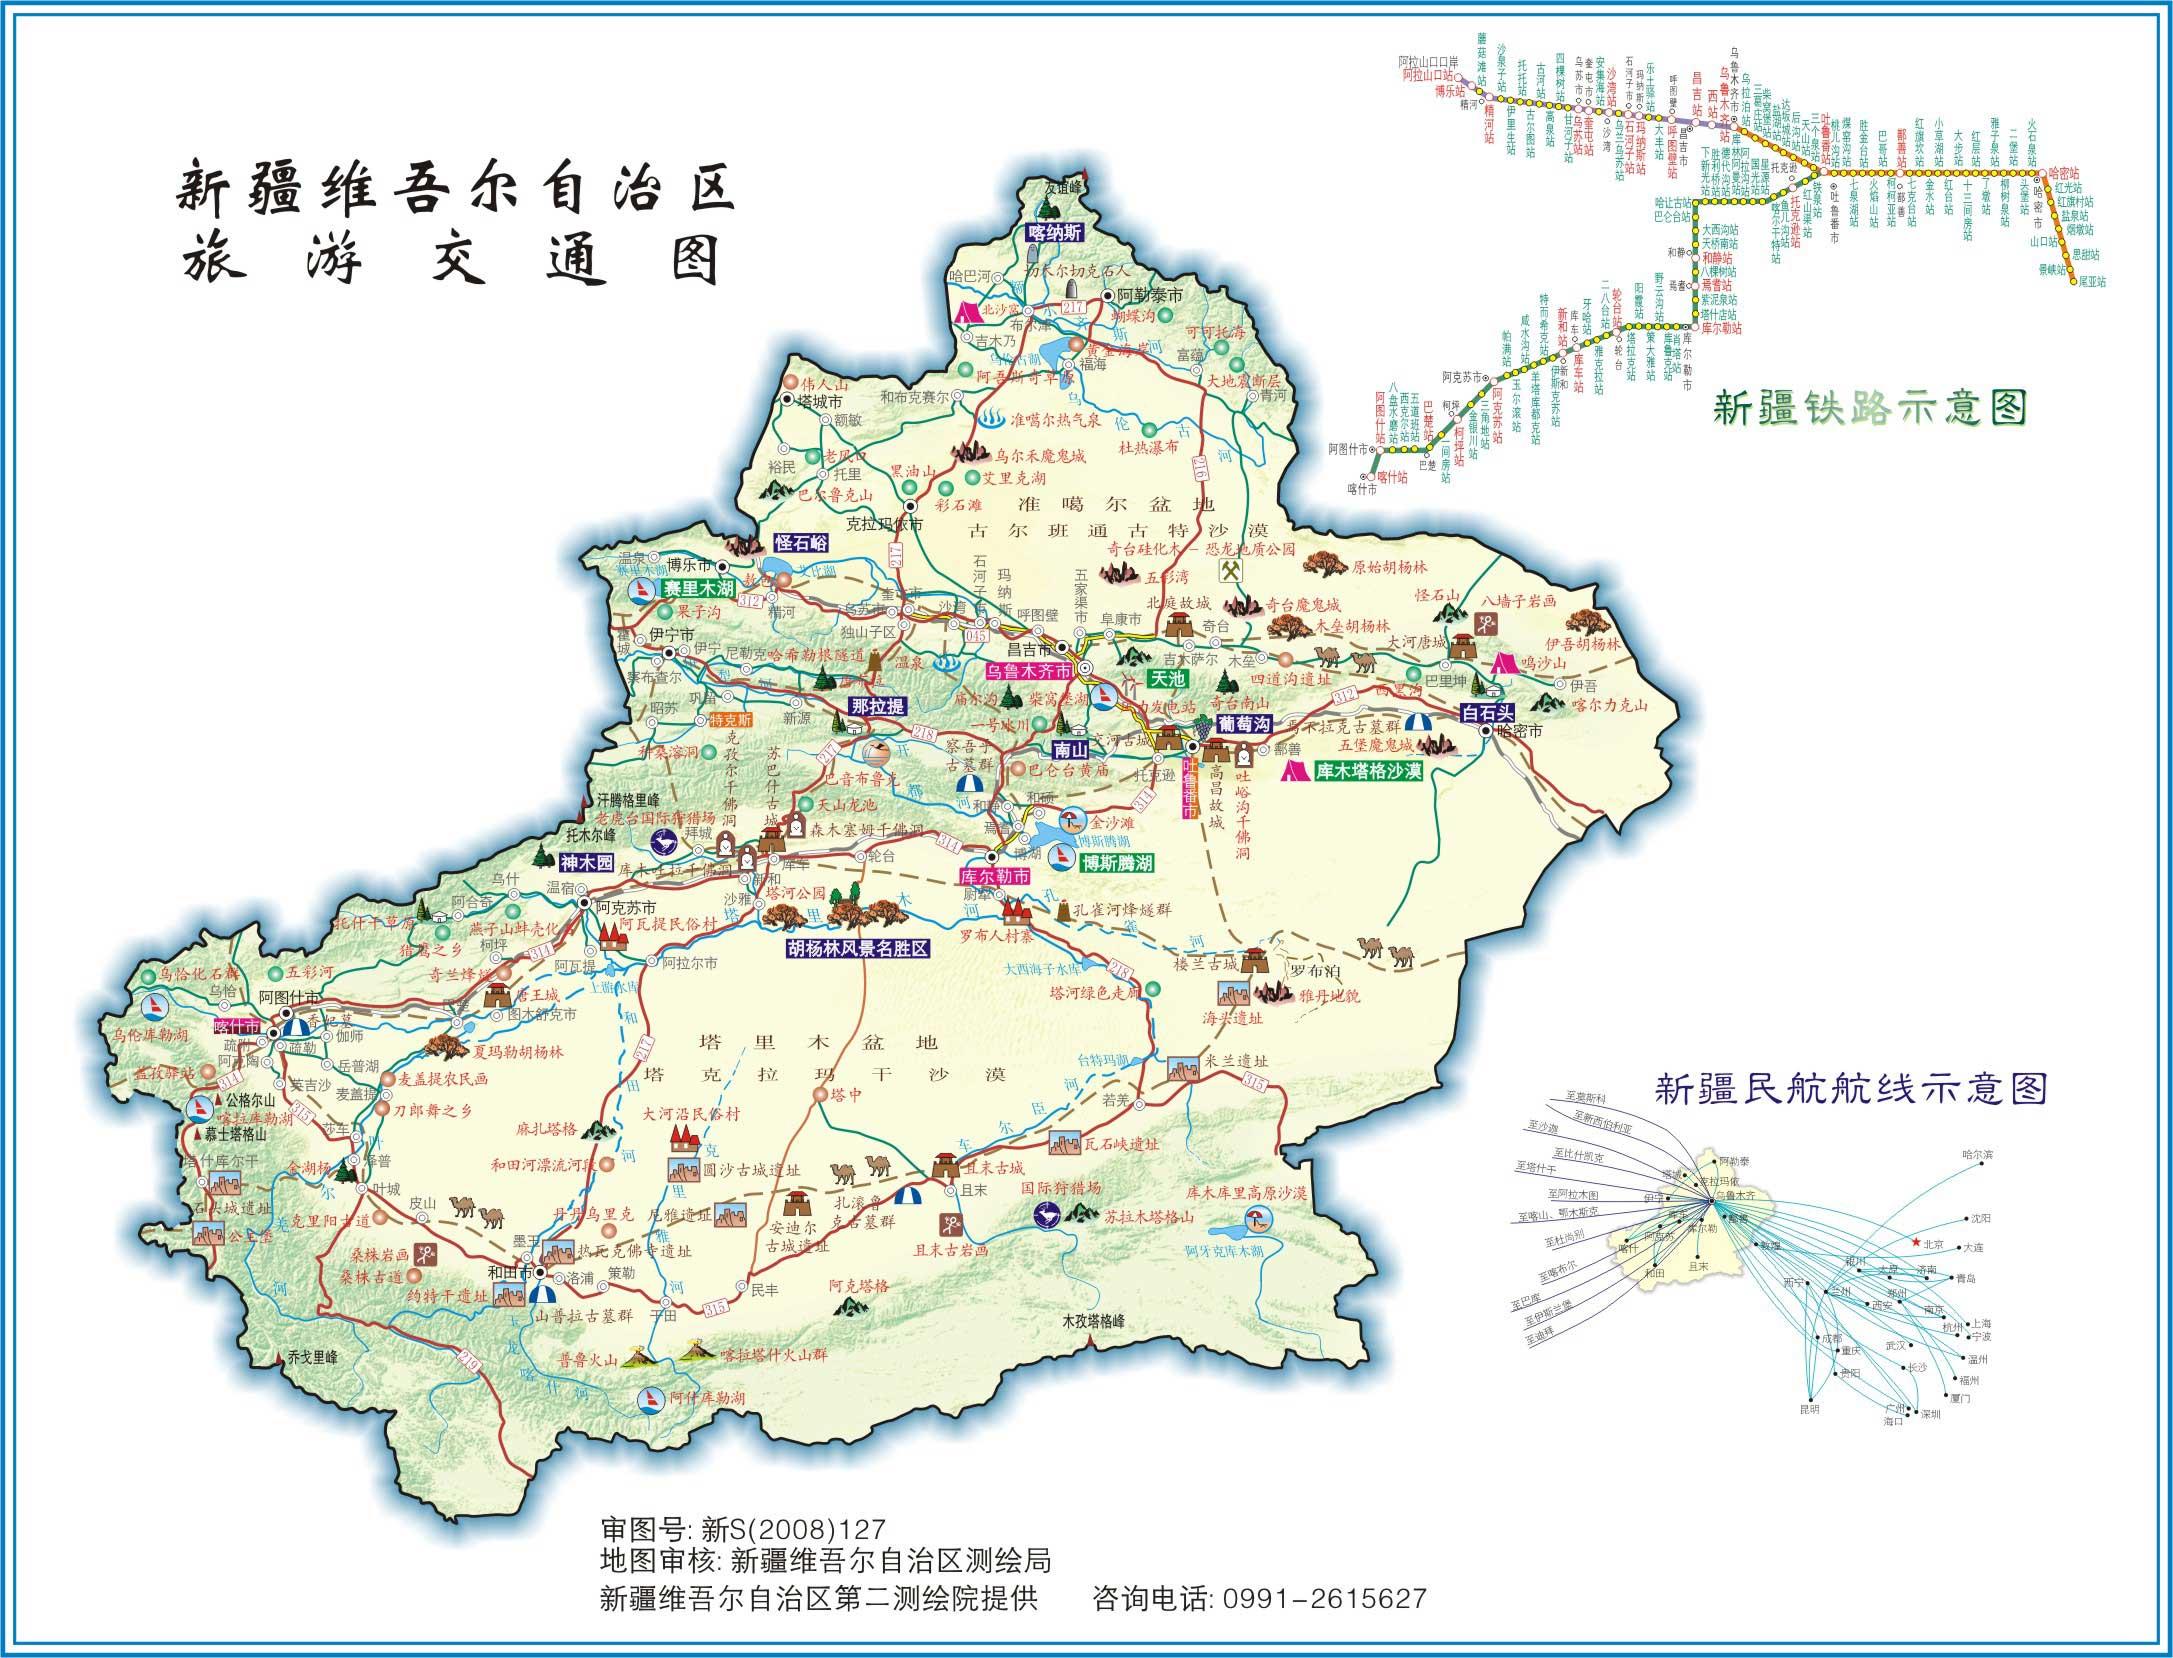 新疆旅游交通地图